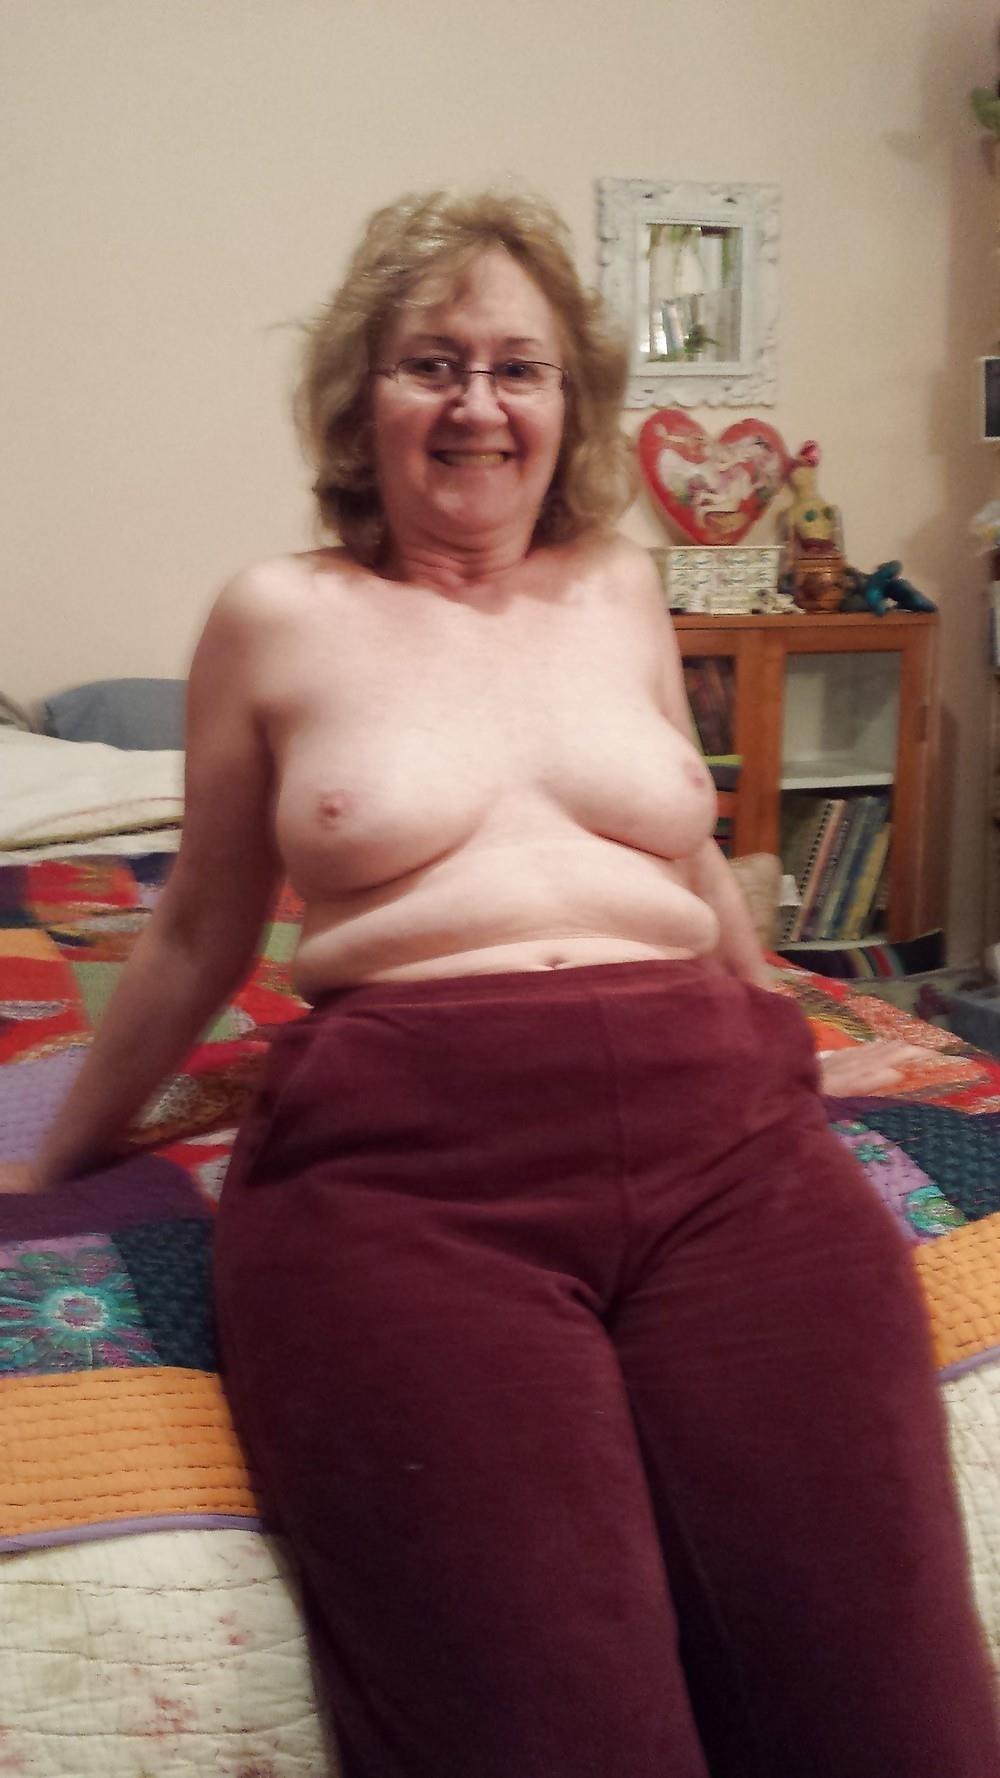 Chubby granny nude pics-7023